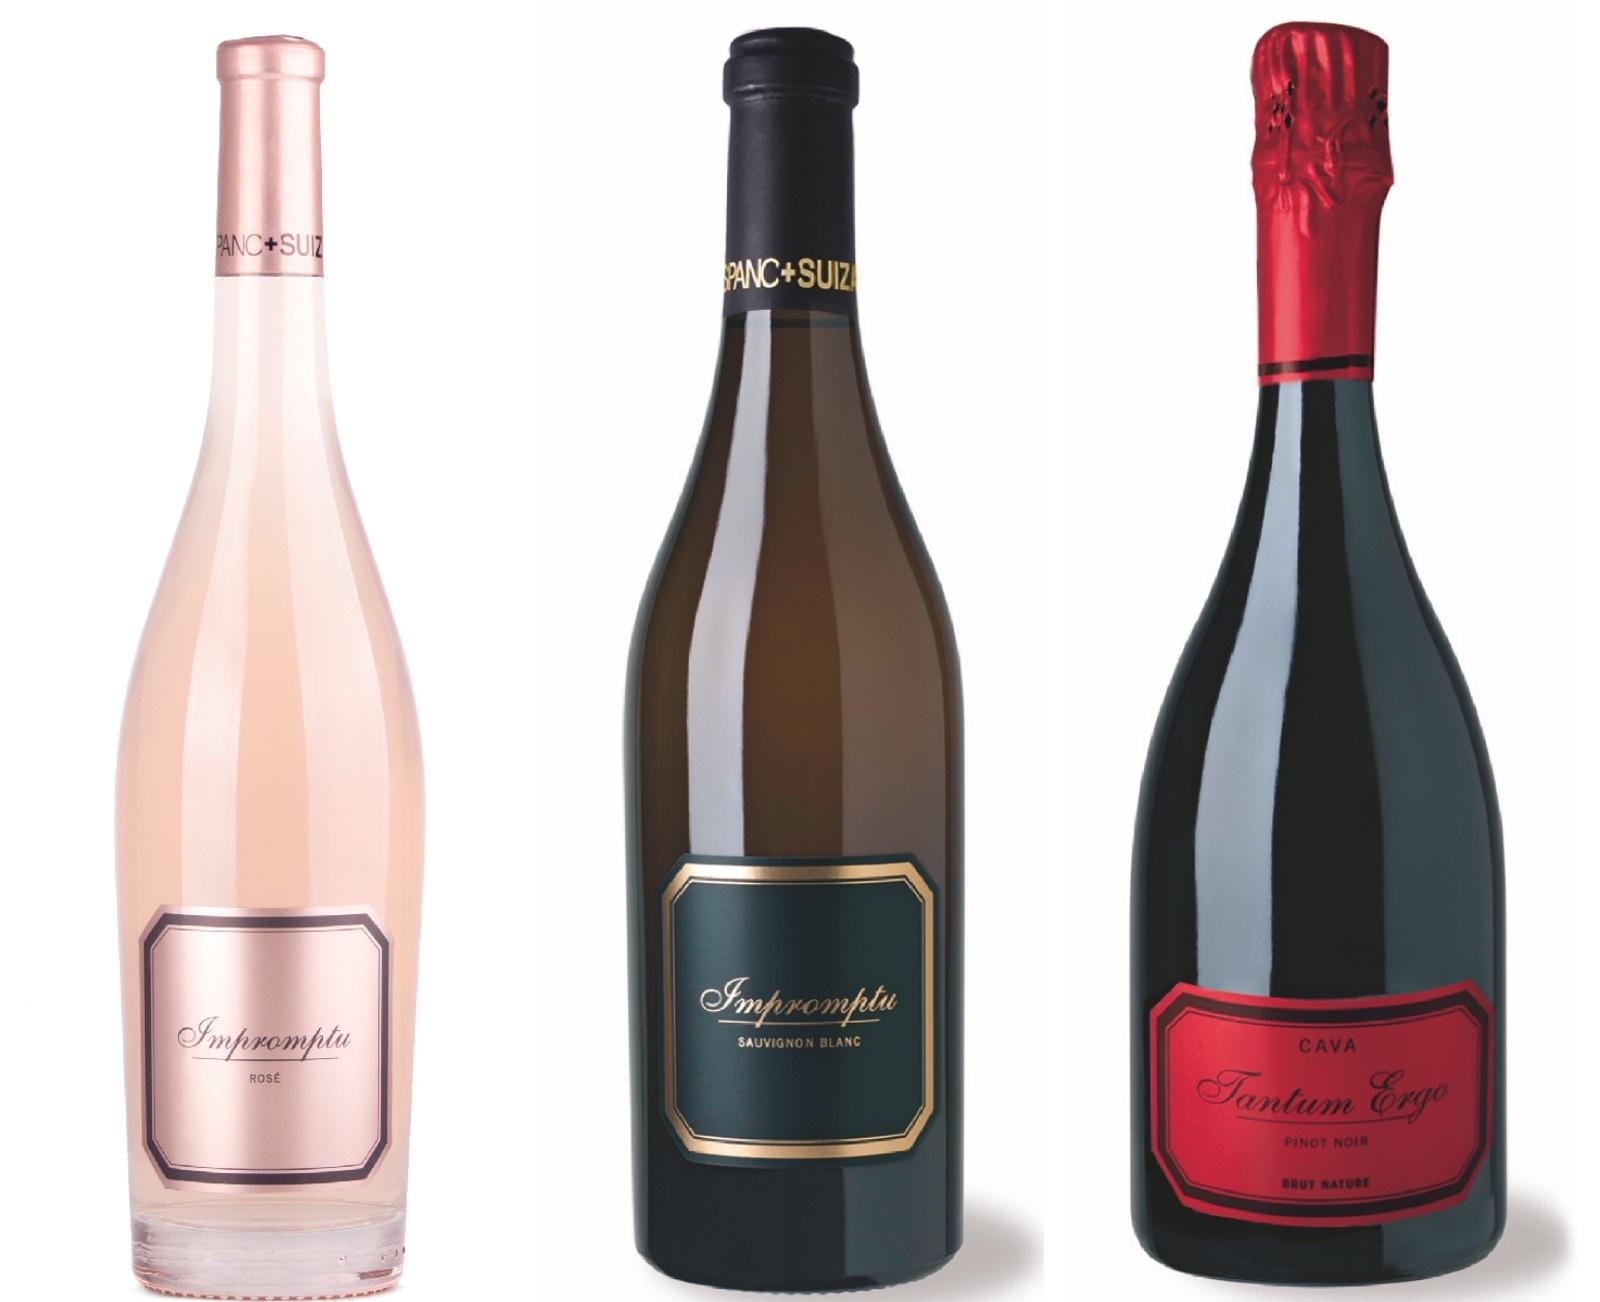 Hispano Suizas, la bodega con el mejor Sauvignon Blanc y el mejor Pinot noir  de España